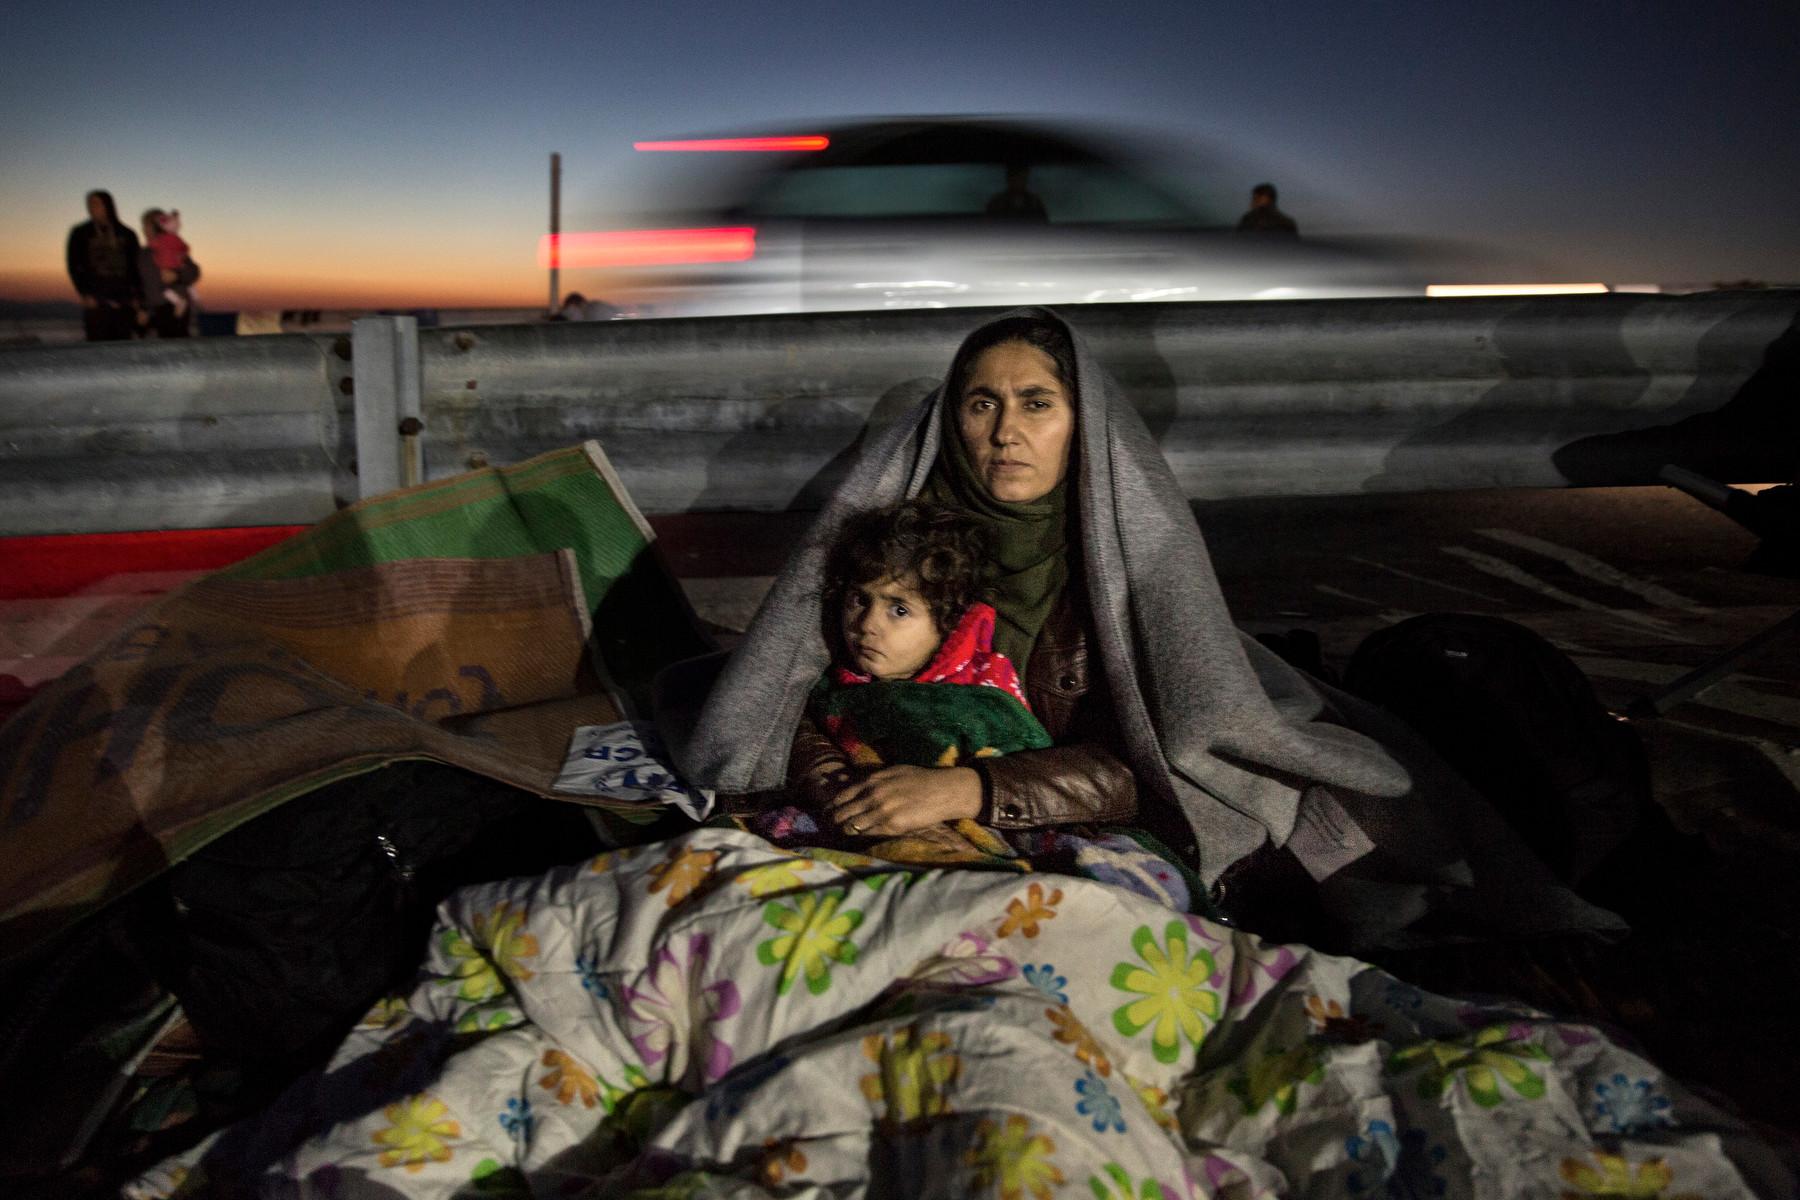 Una madre iraquí con su hija en el campamento de transición Oxy. Lesbos (2015). Paula Bronstein/Getty Images